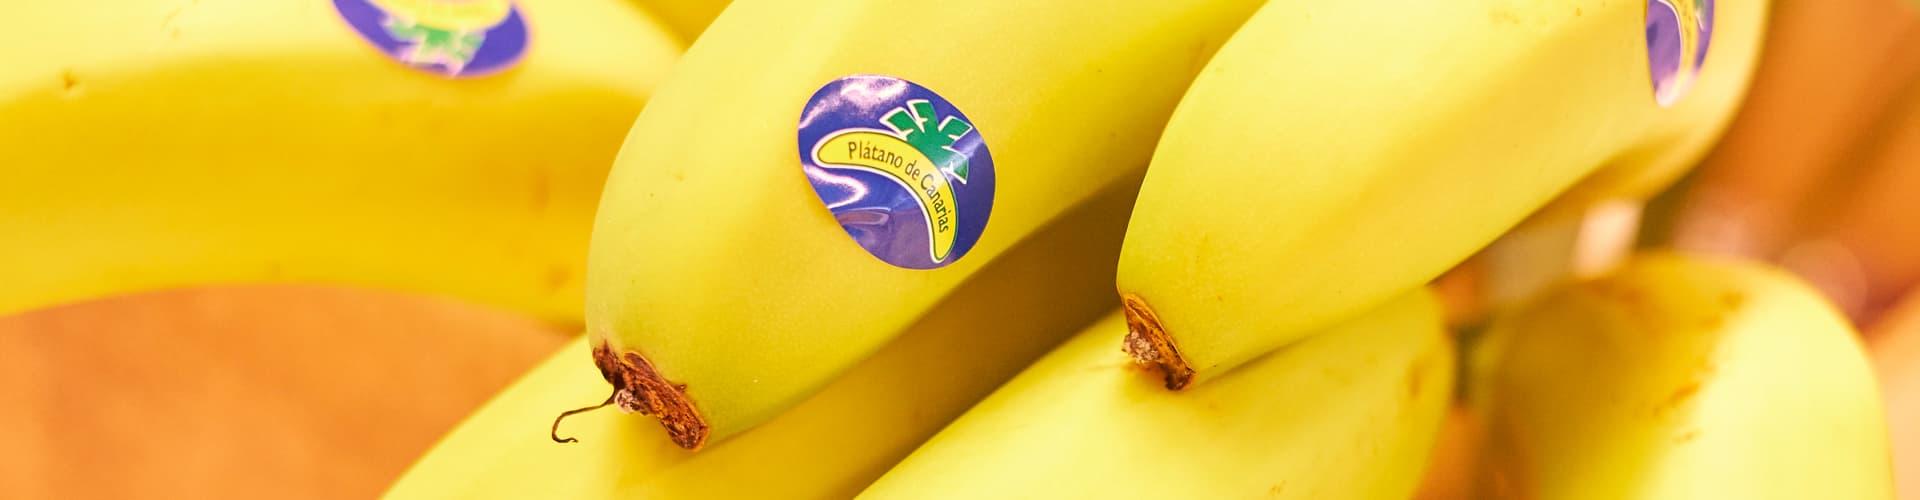 Cabecera Martimar Plátano de Canarias